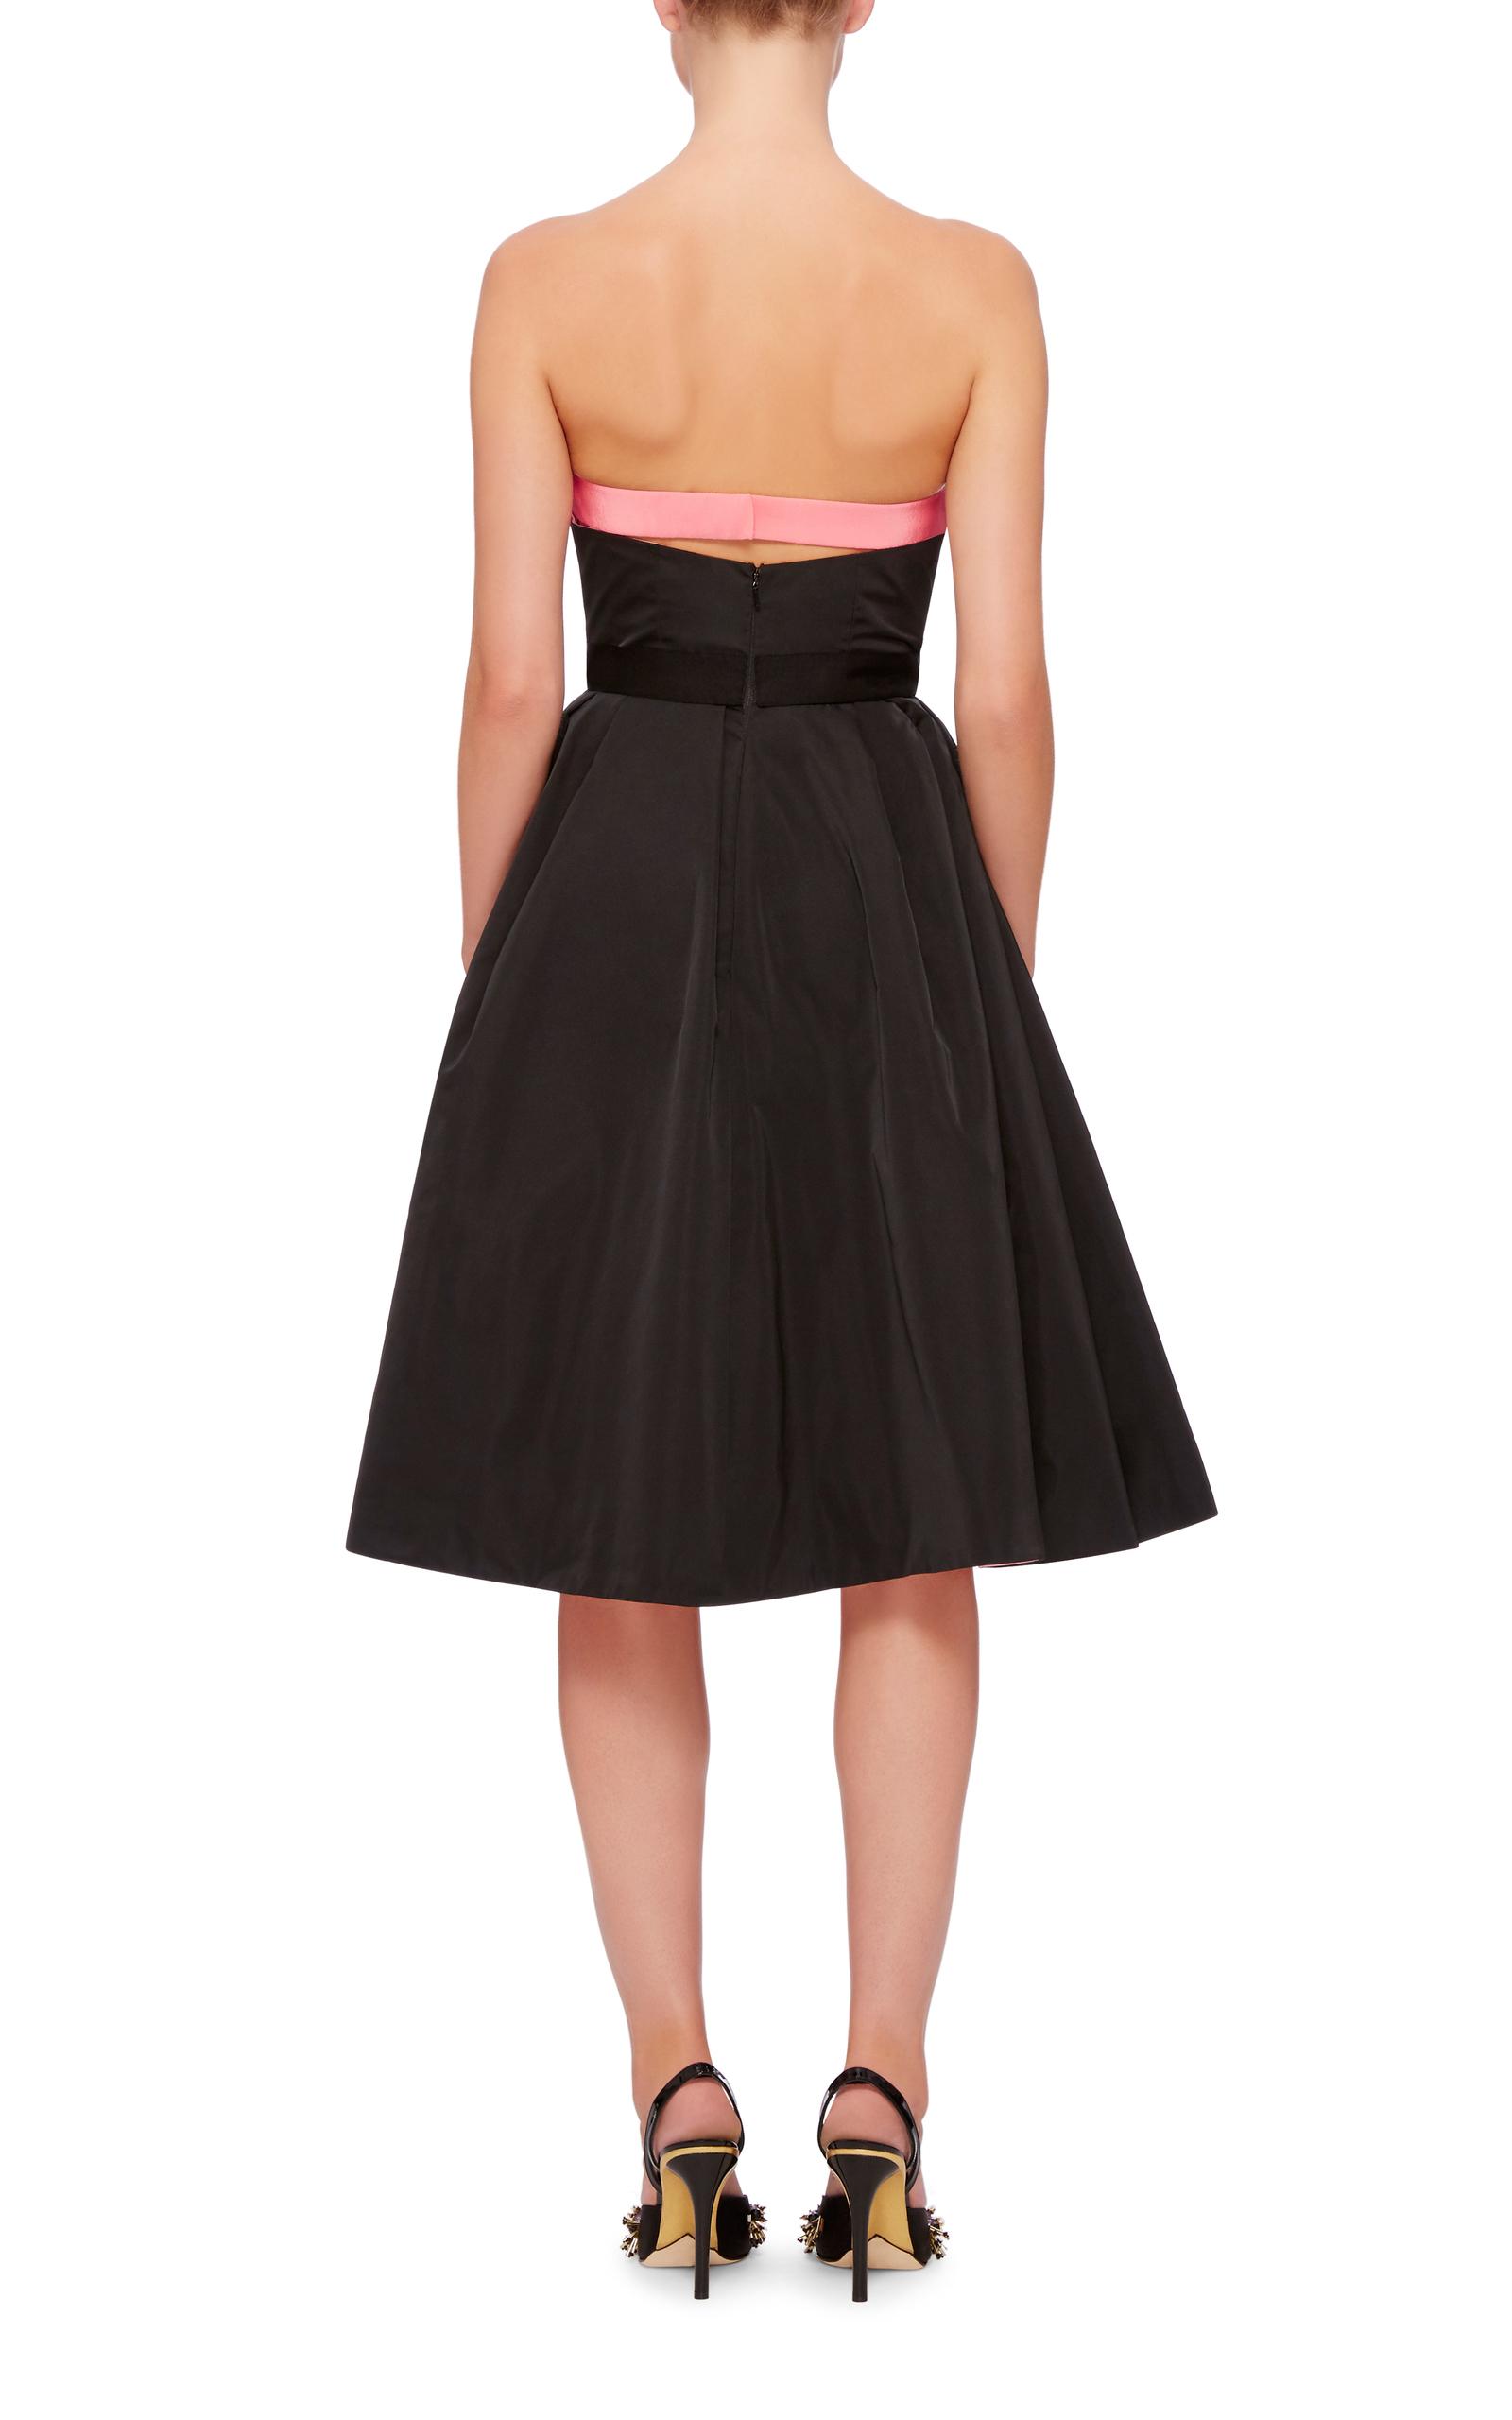 Oscar de la renta Bow Detail Crossover Skirt Dress in ...